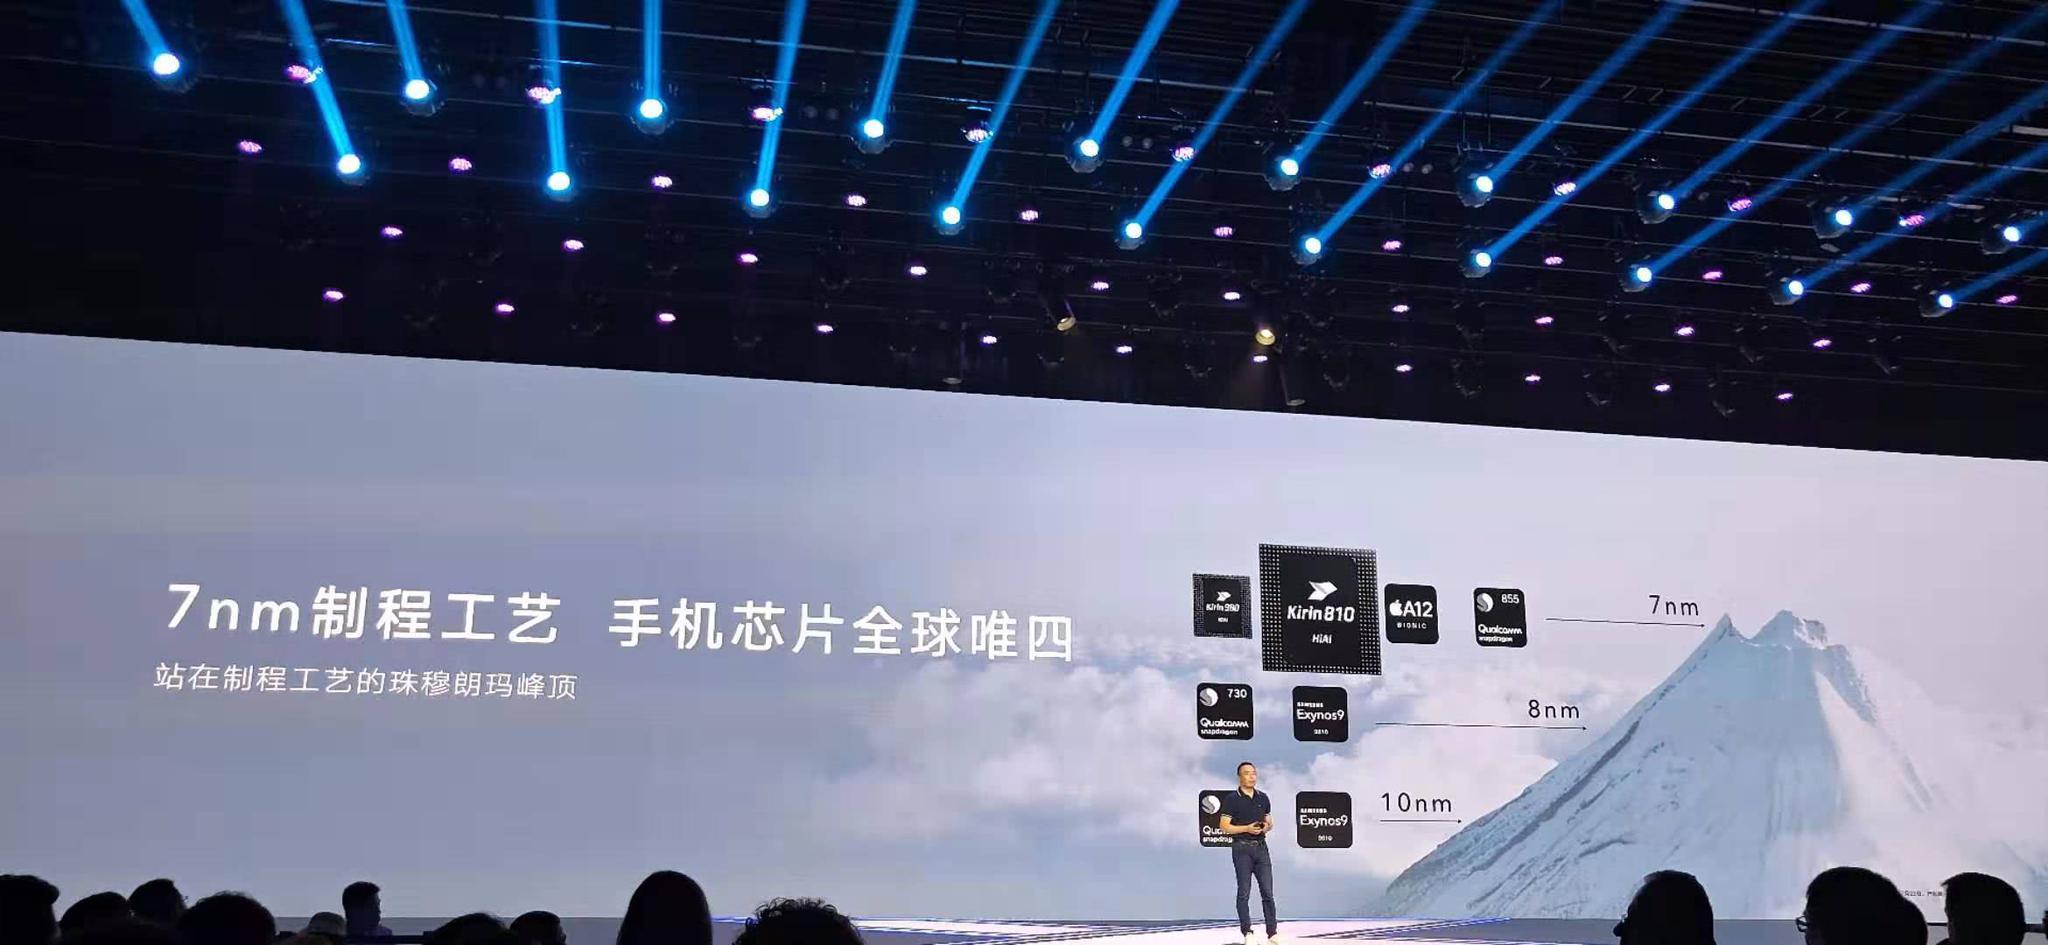 荣耀总裁赵明:华为对芯片使用持开放态度_网赚新闻网